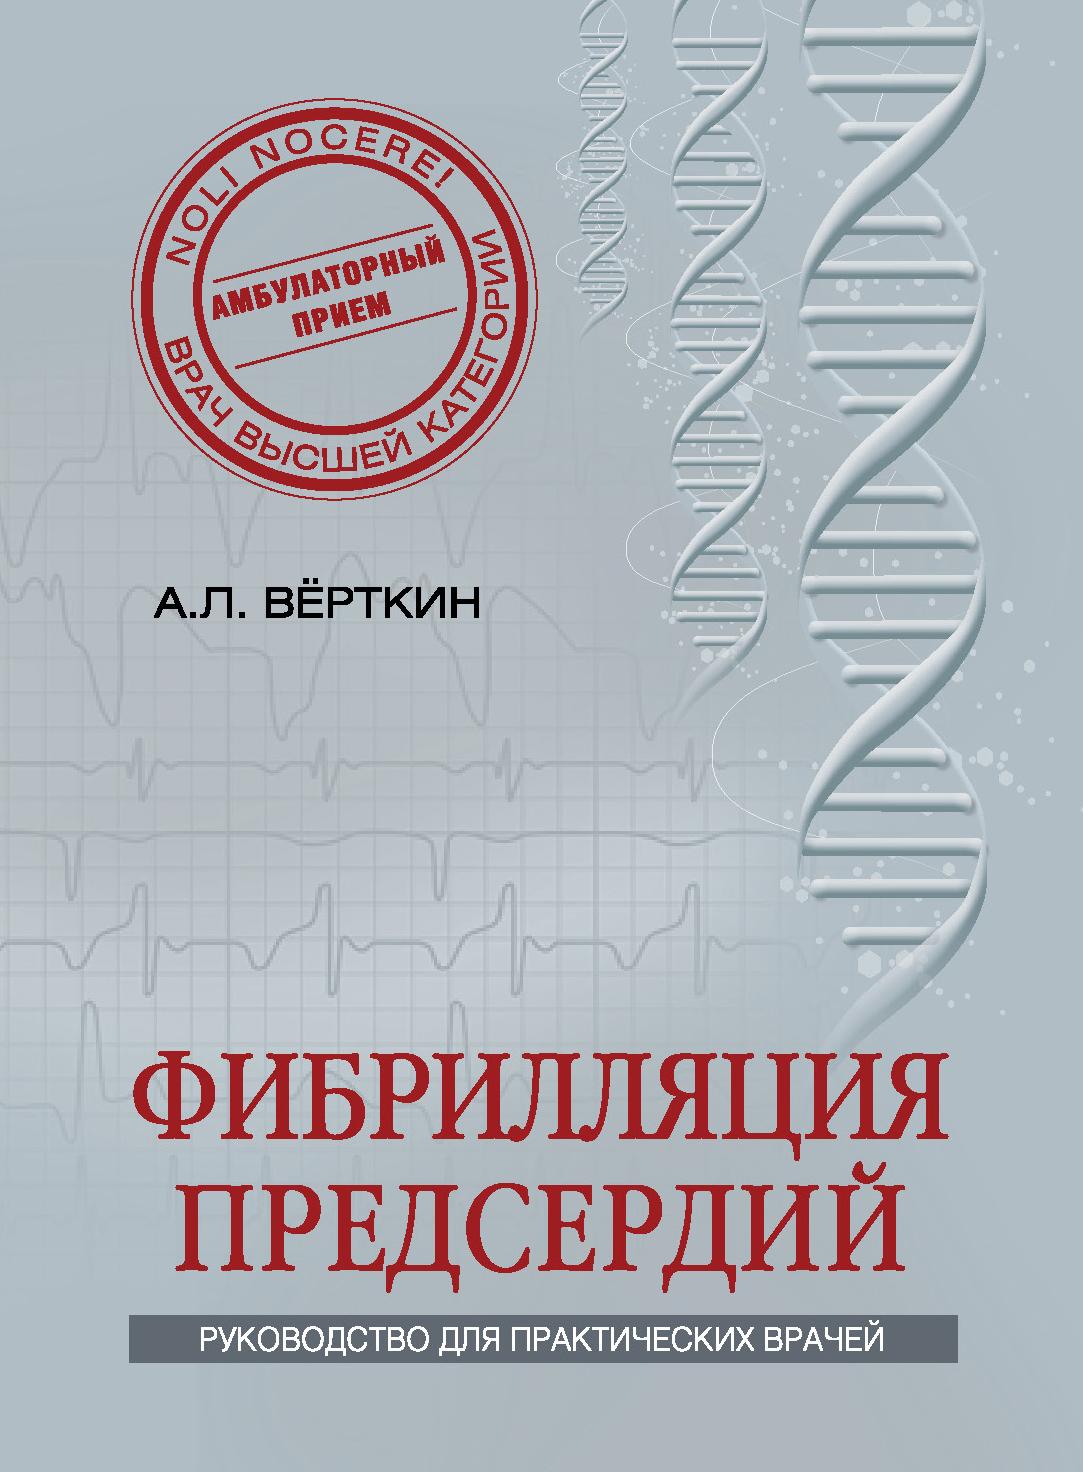 Вёрткин А.Л. Фибрилляция предсердий футляр укладка для скорой медицинской помощи купить в украине